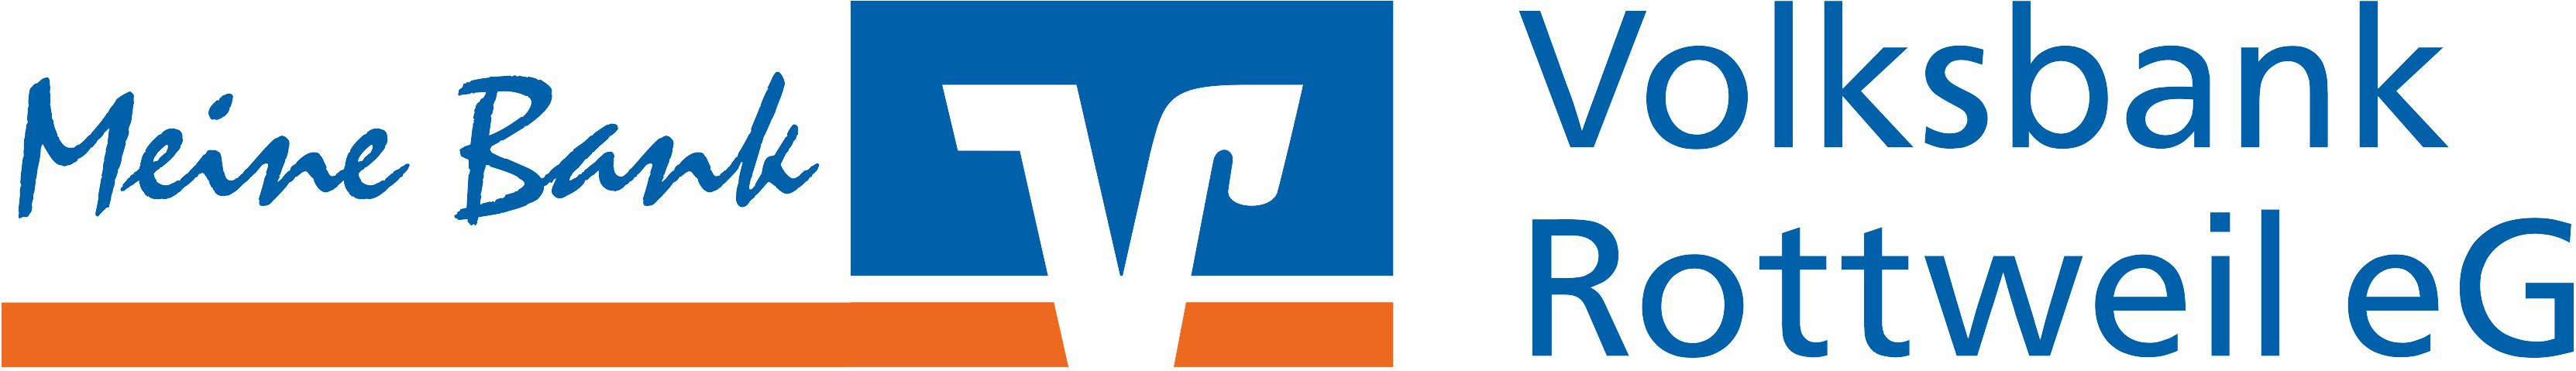 Volksbank Rottweil eG, Geschäftsstelle Rottweil Saline